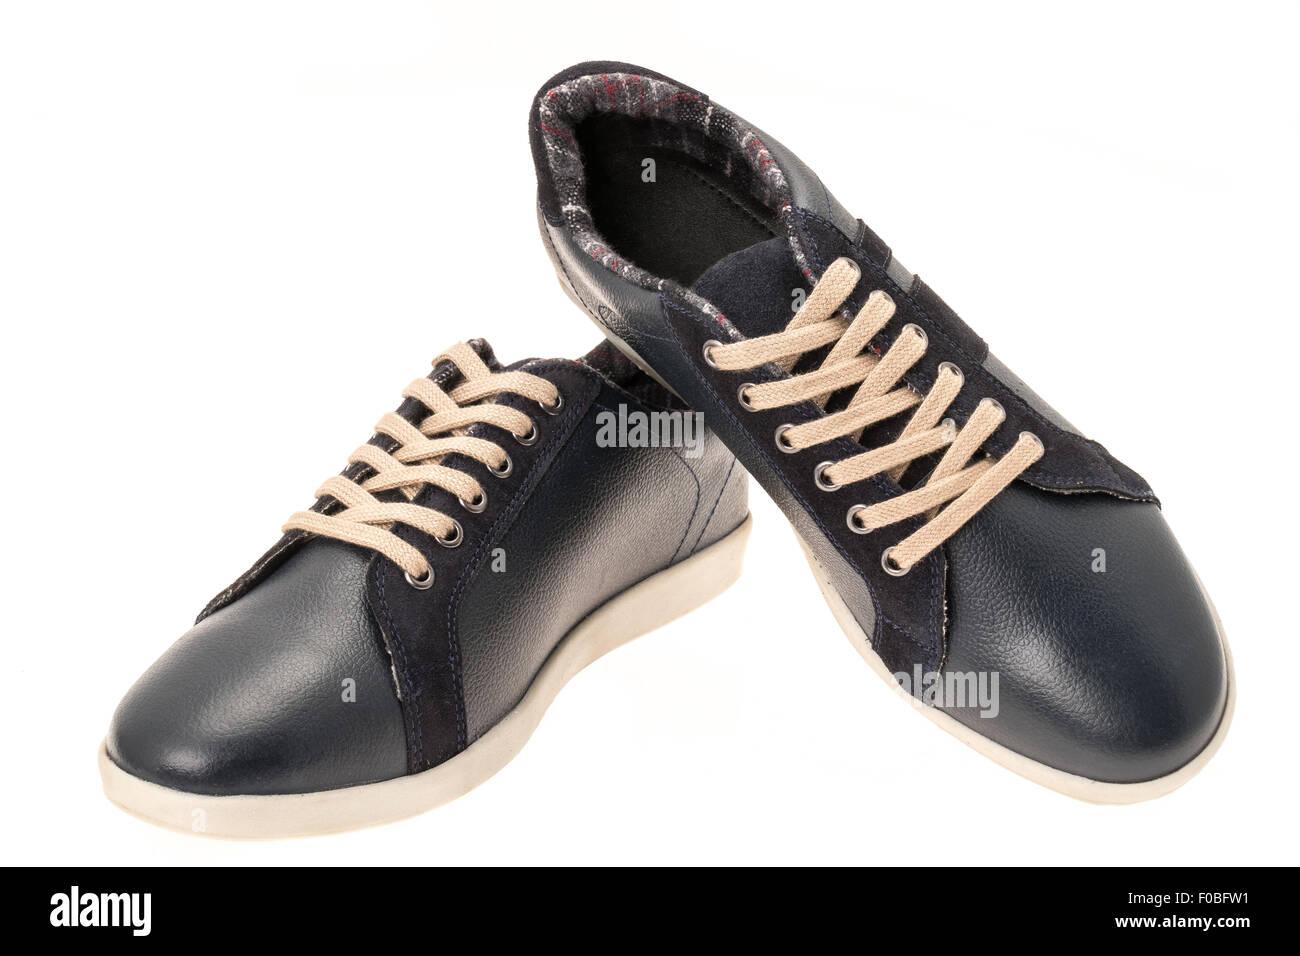 Cuero negro calzado deportivo casual - aislado en blanco Imagen De Stock